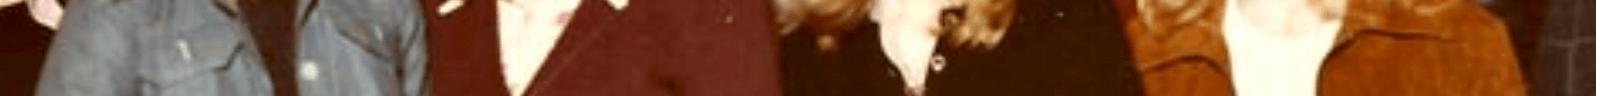 Screen-Shot-2019-11-07-at-1.09.49-PM-3